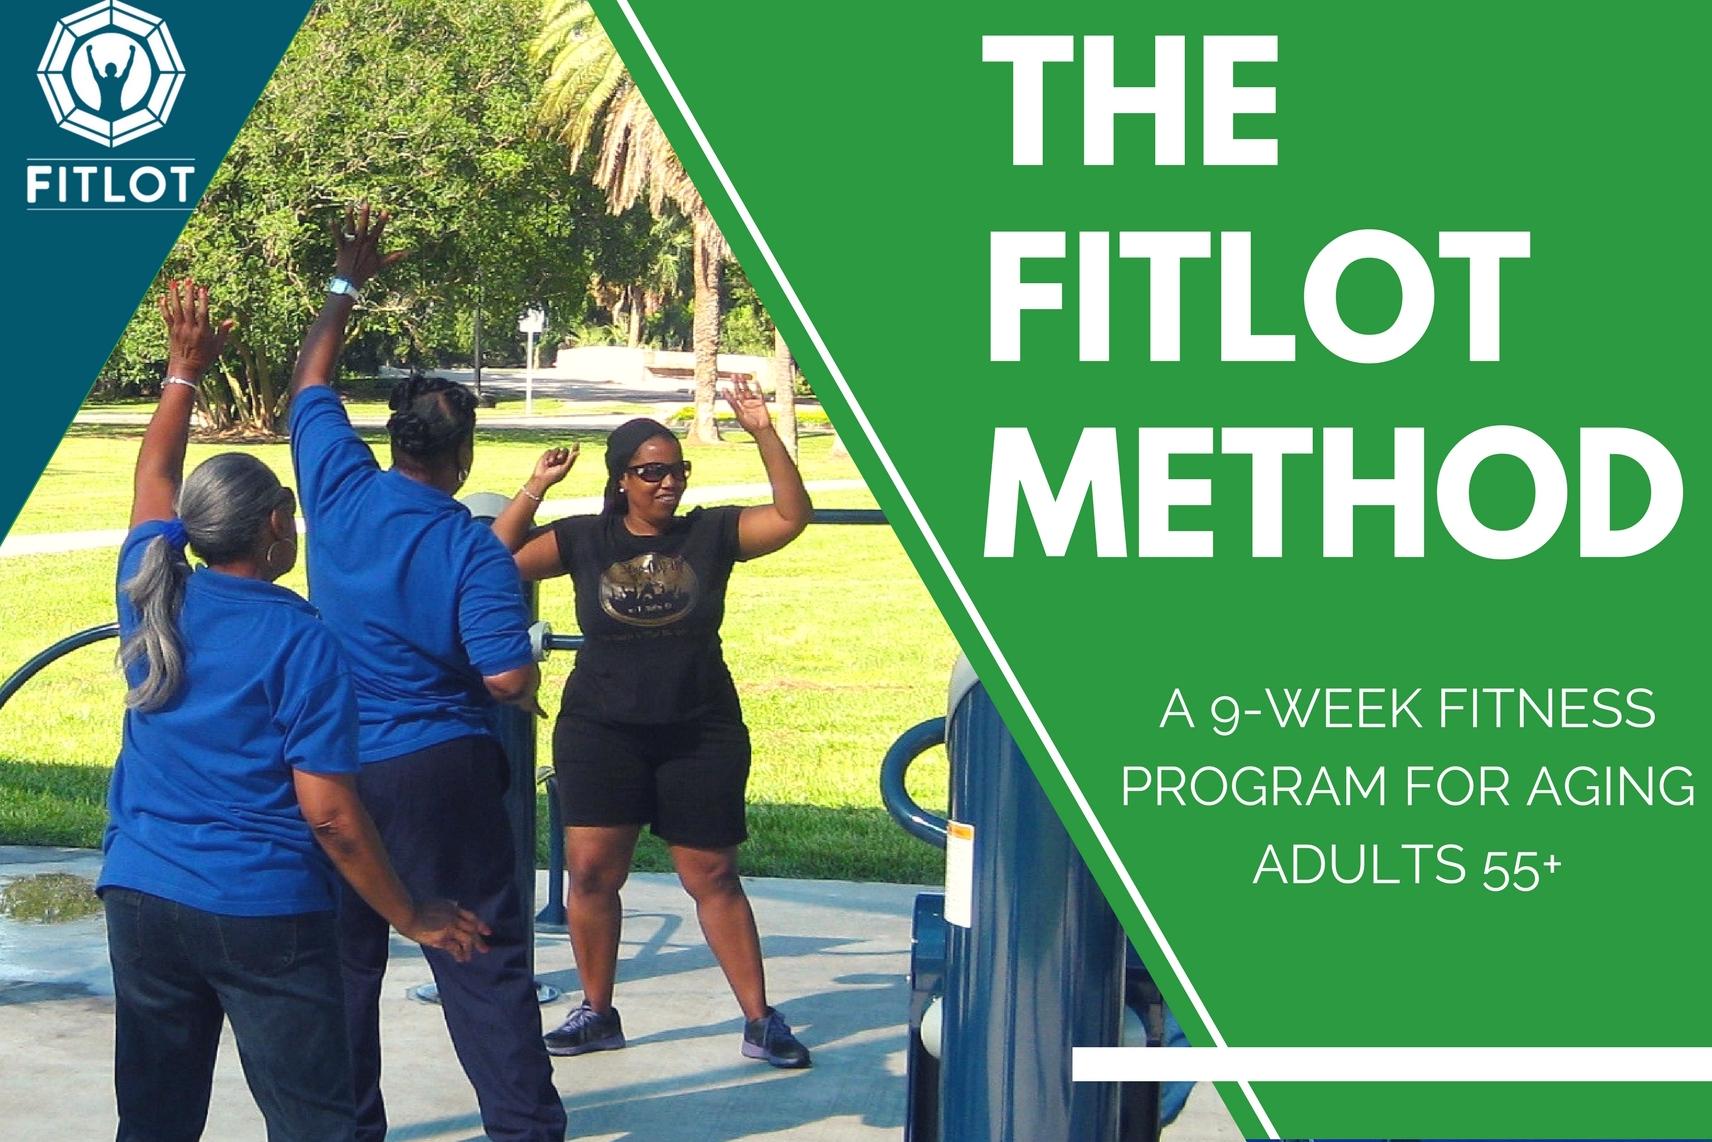 The_FitLot_Method_Flyer.jpg